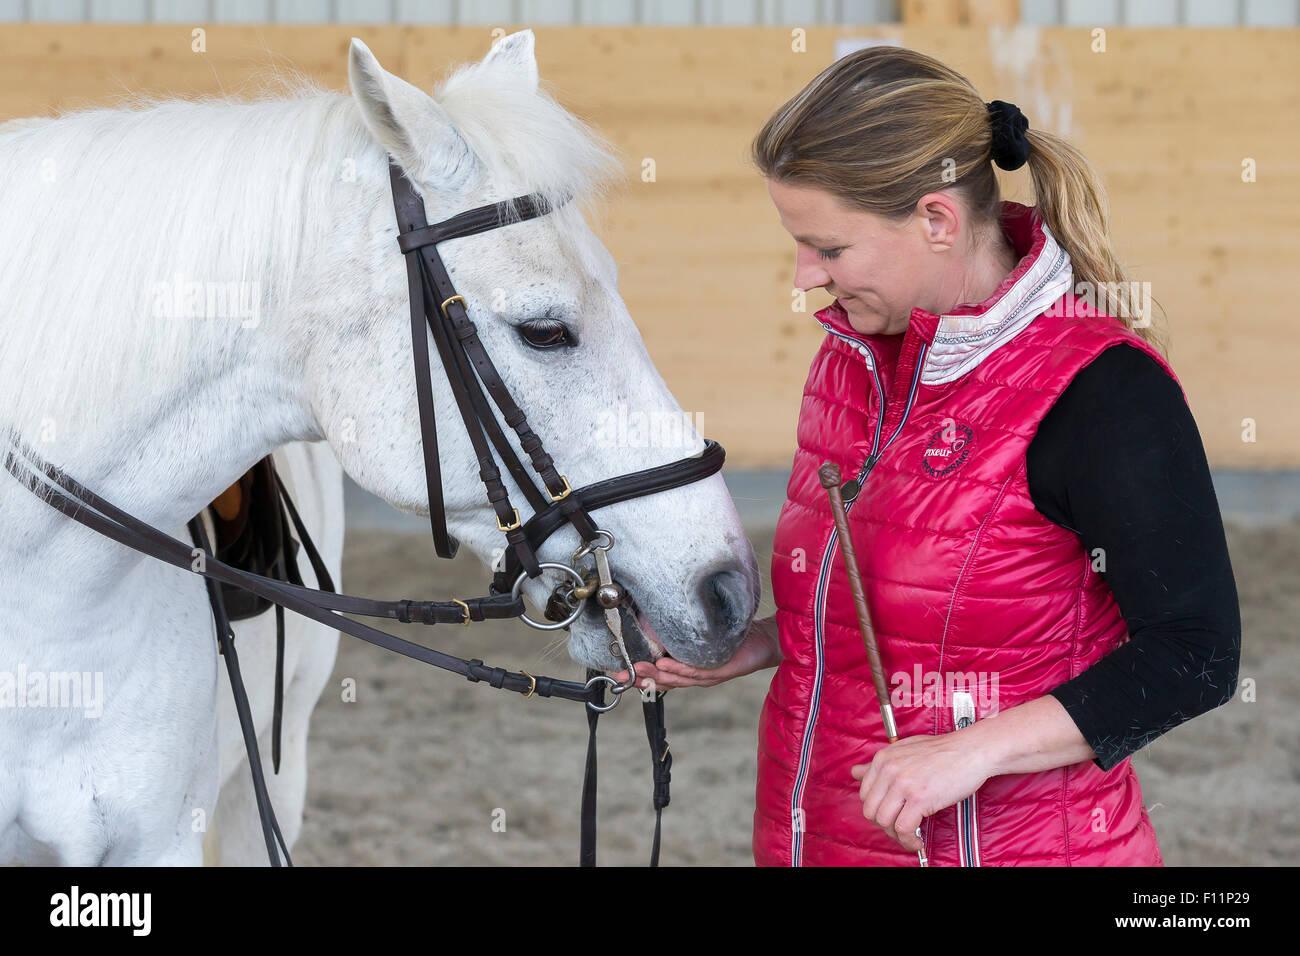 Deutsch Reiten Pony Reiter nach dem Reiten Lektion geben weiße Pony behandeln Stockbild